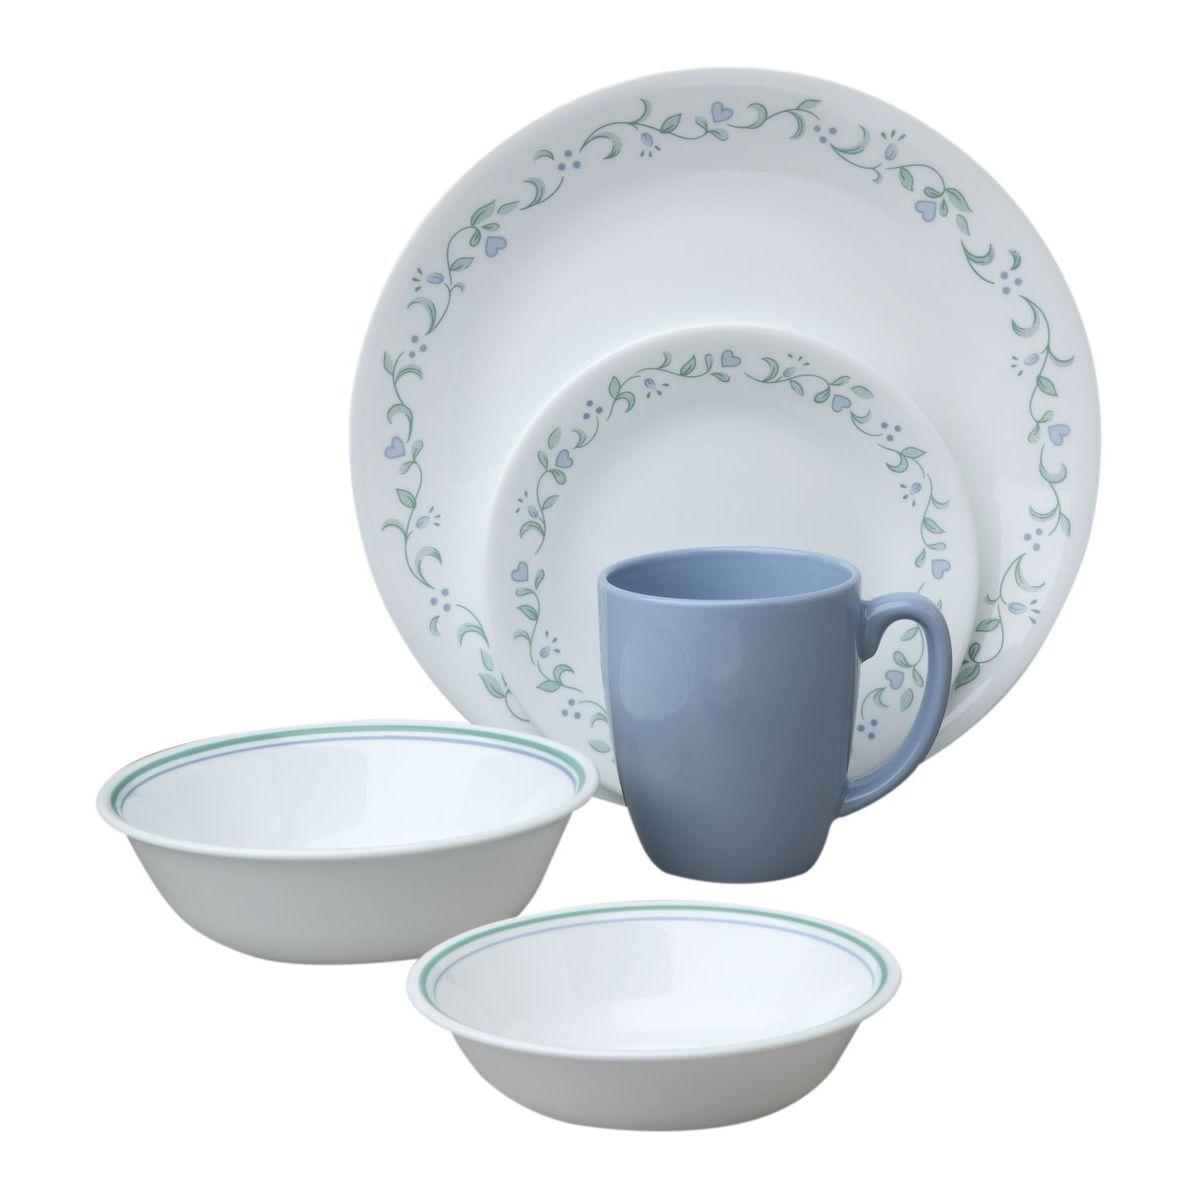 Набор посуды Country Cottage 30пр, цвет: белый с узором1088658Преимуществами посуды Corelle являются долговечность, красота и безопасность в использовании. Вся посуда Corelle изготавливается из высококачественного ударопрочного трехслойного стекла Vitrelle и украшена деколями американских и европейских дизайнеров. Рисунки не стираются и не царапаются, не теряют свою яркость на протяжении многих лет. Посуда Corelle не впитывает запахов и очень долгое время выглядит как новая. Уникальная эмаль, используемая во время декорирования, фактически становится единым целым с поверхностью стекла, что гарантирует долгое сохранение нанесенного рисунка. Еще одним из главных преимуществ посуды Corelle является ее безопасность. В производстве используются только безопасные для пищи пигменты эмали, при производстве посуды не применяется вредный для здоровья человека меламин. Изделия из материала Vitrelle:...